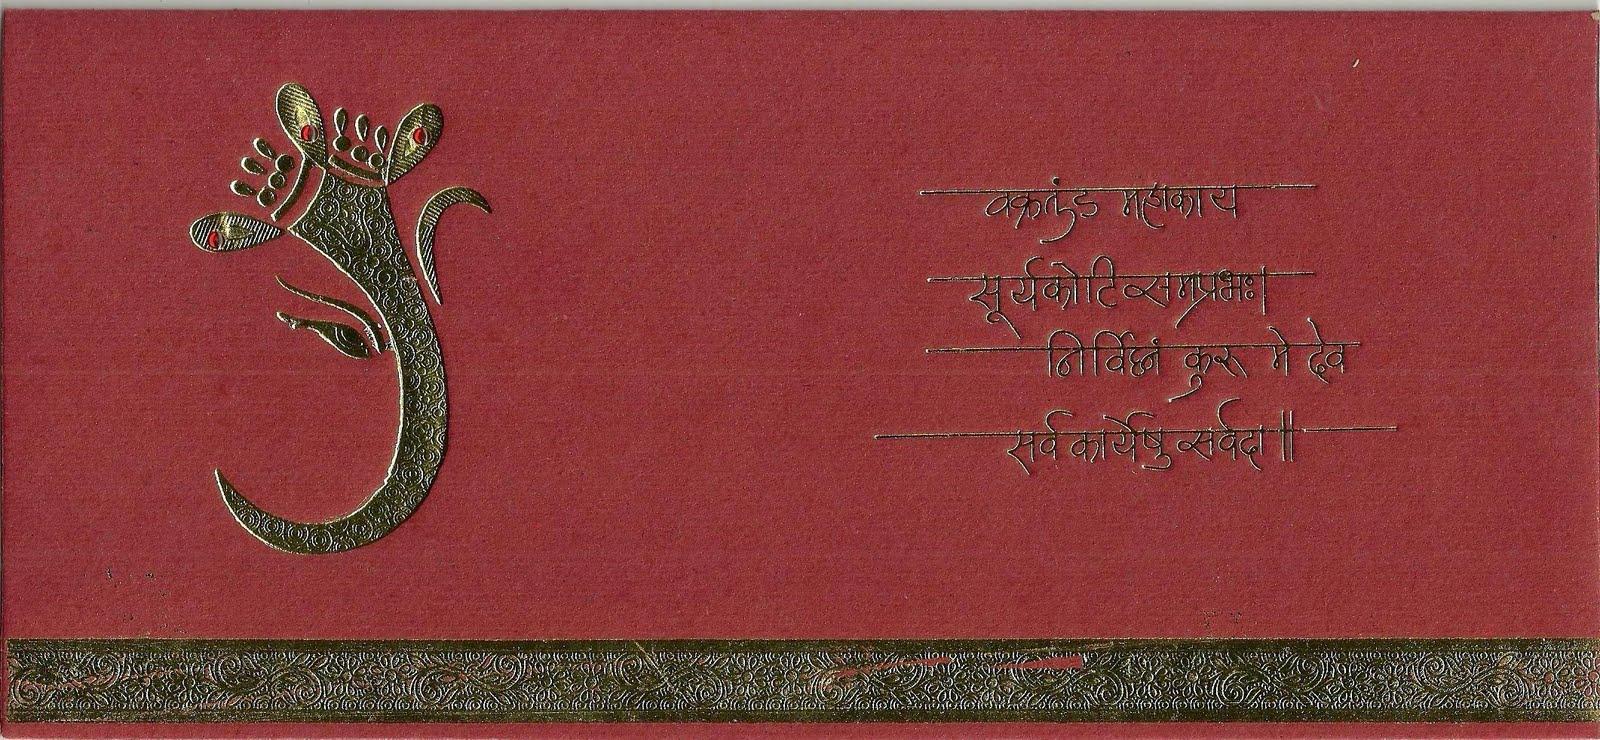 Sandeep Aade: My Wedding invitations..